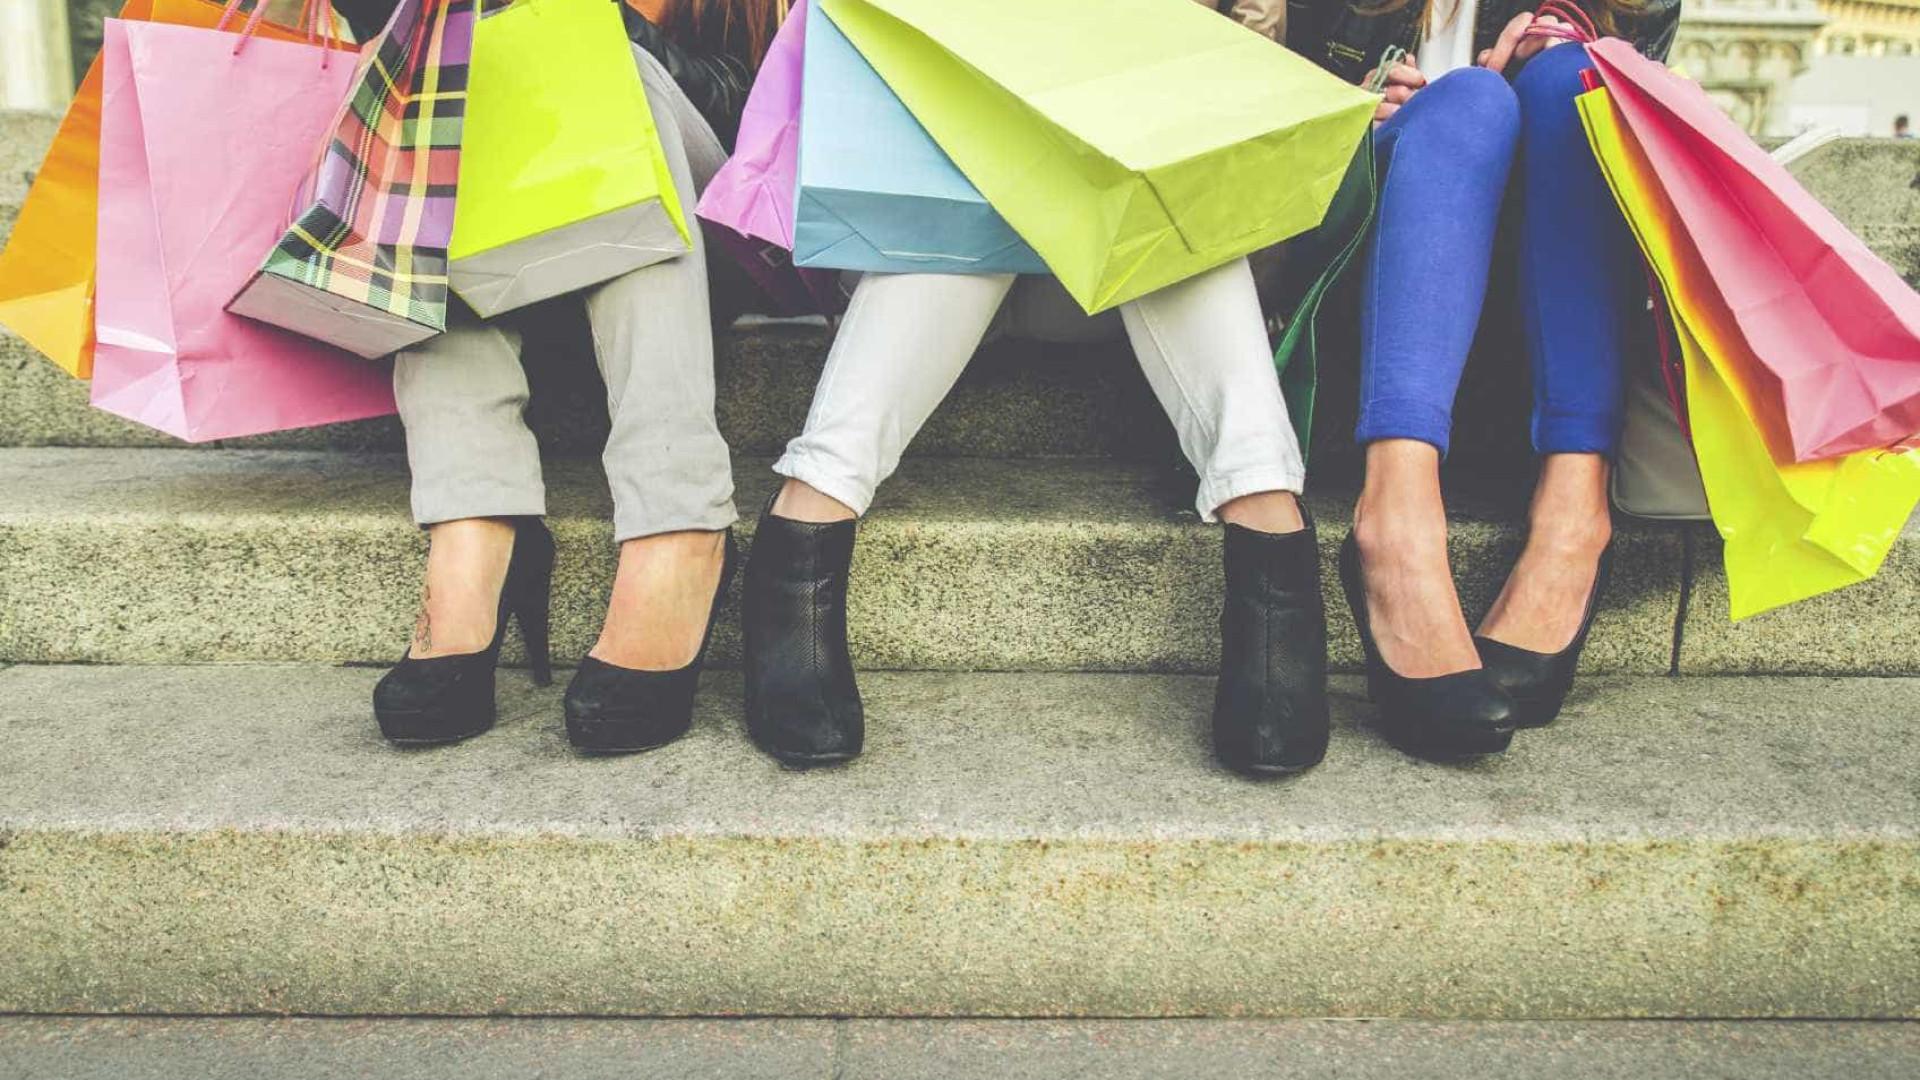 1ec2d7af2 Principais gastos das mulheres são com roupas, calçados e produtos para o  cabelo